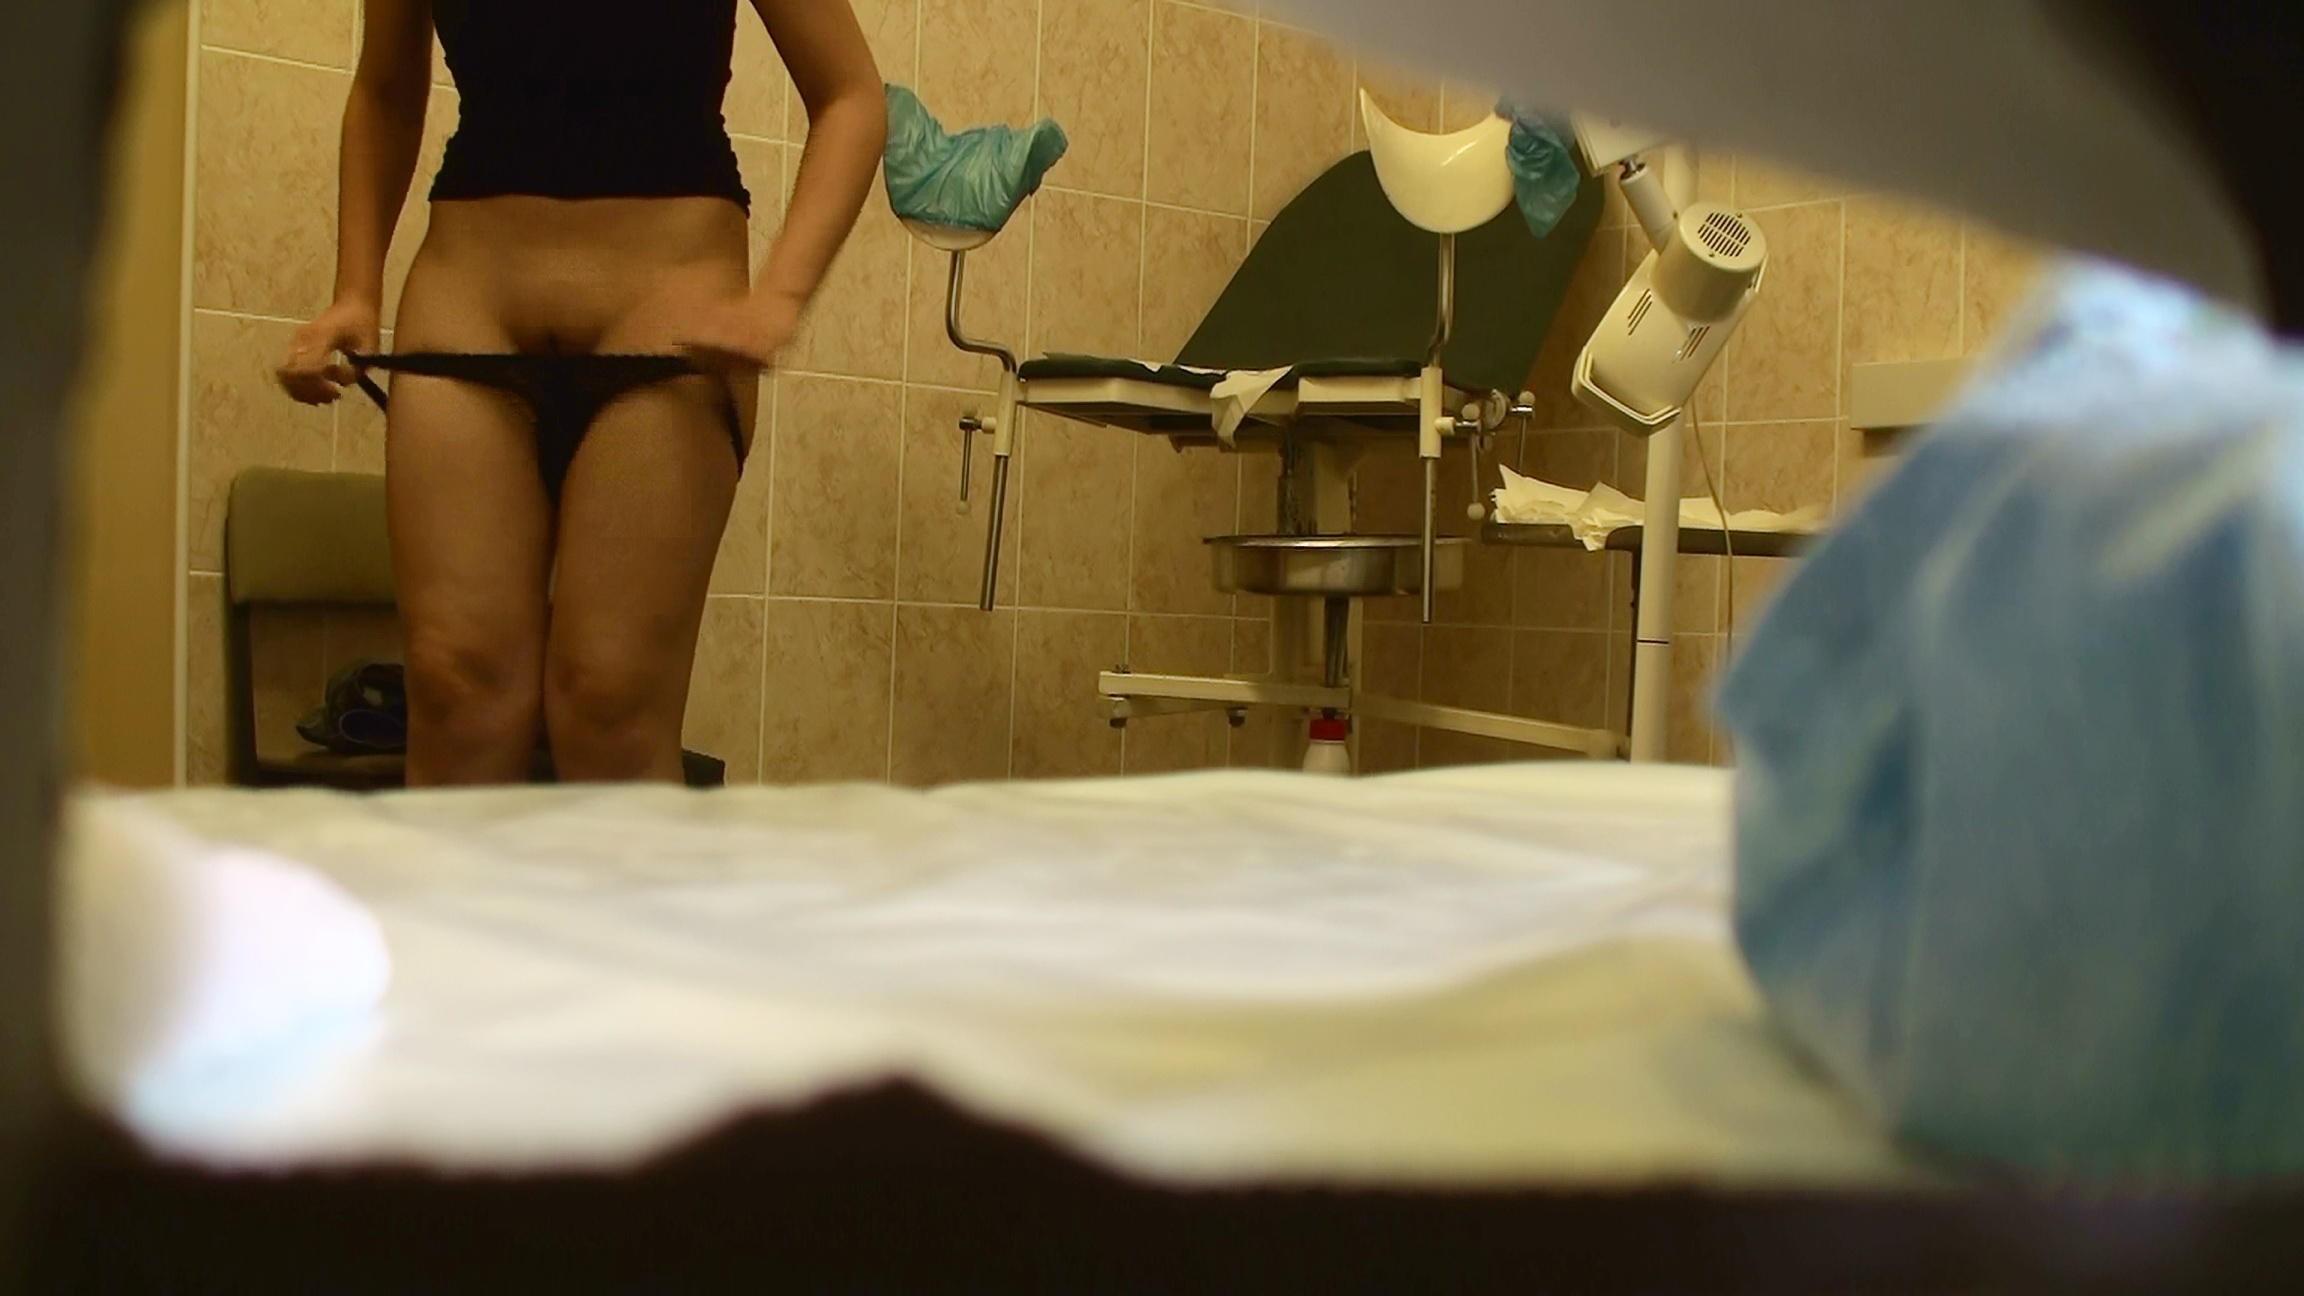 У гинеколога видео подглядывание, смотреть порно бритни спирс кончают в пизду без